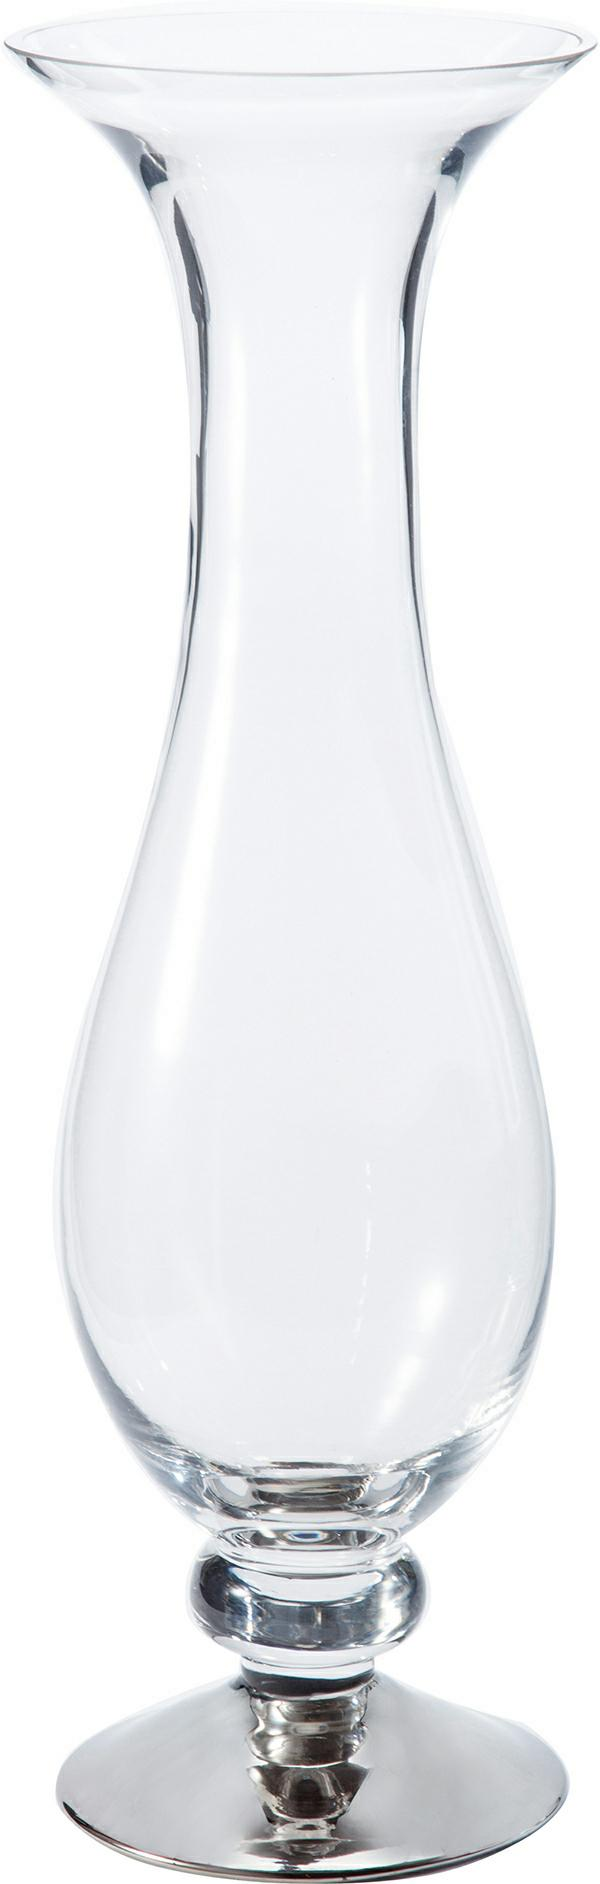 クロムメッキスタンドグラスベース M ガラス製品 限定販売商品